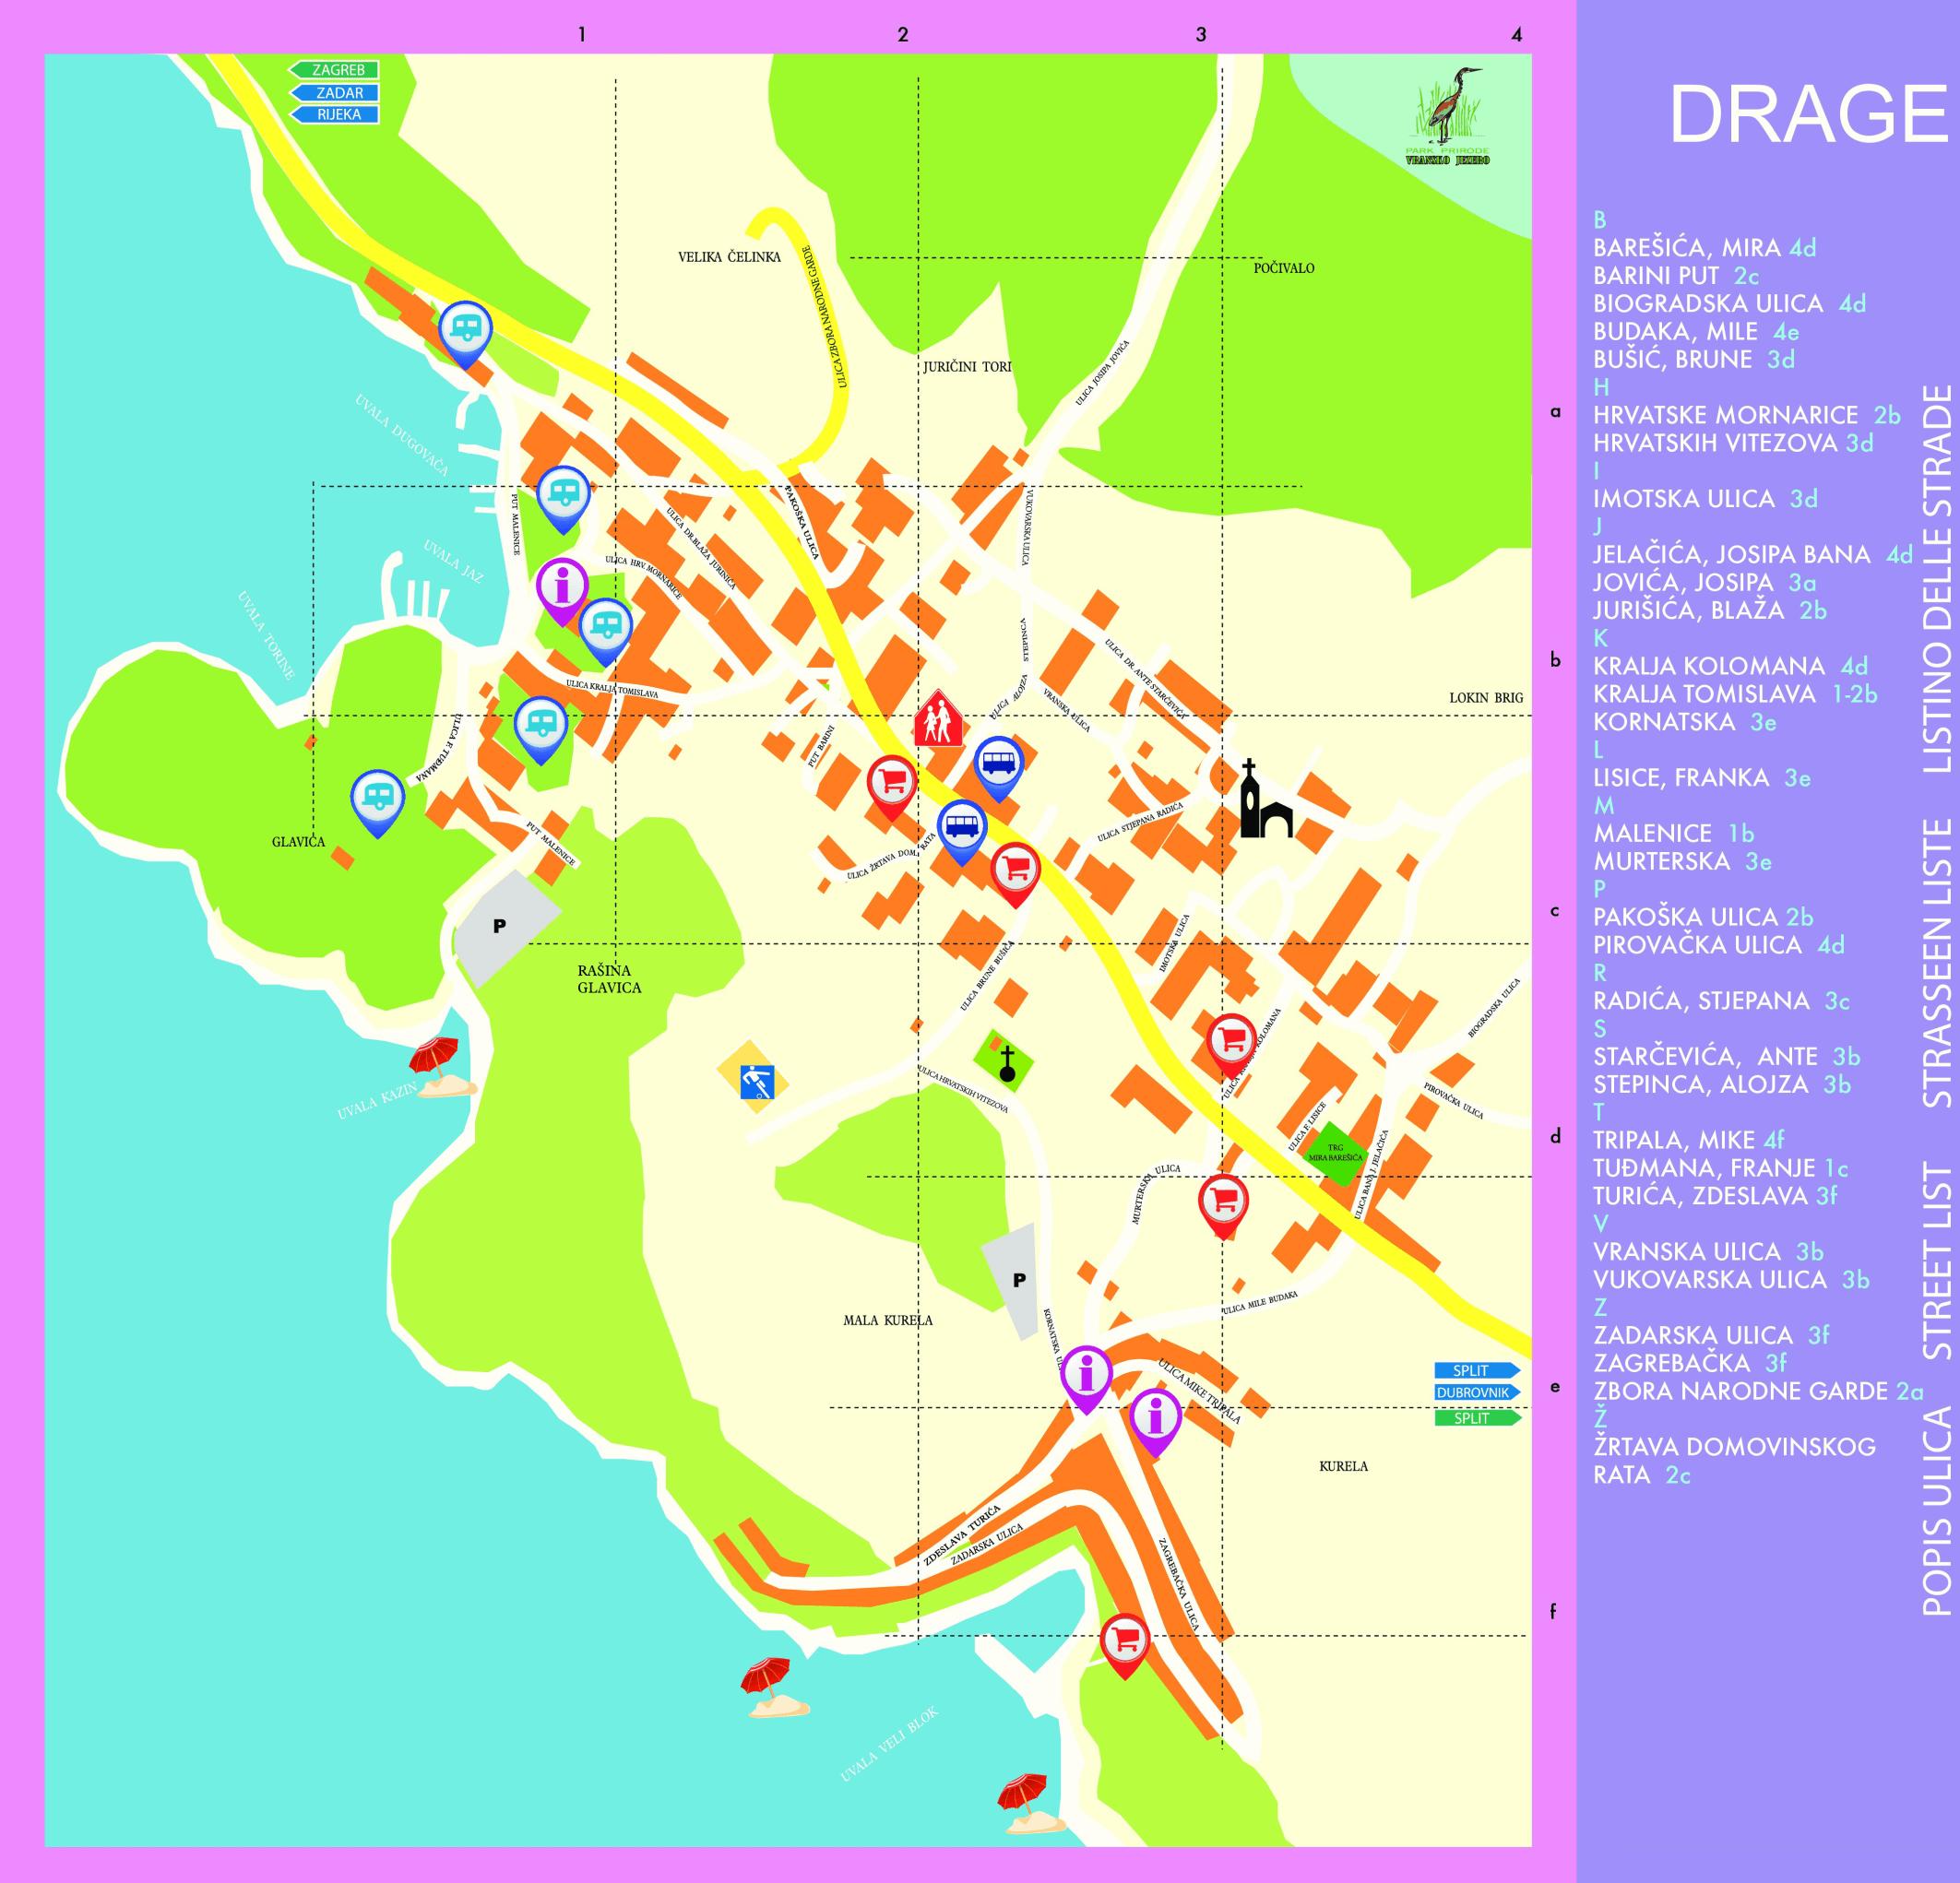 Die Plan Orte Drage